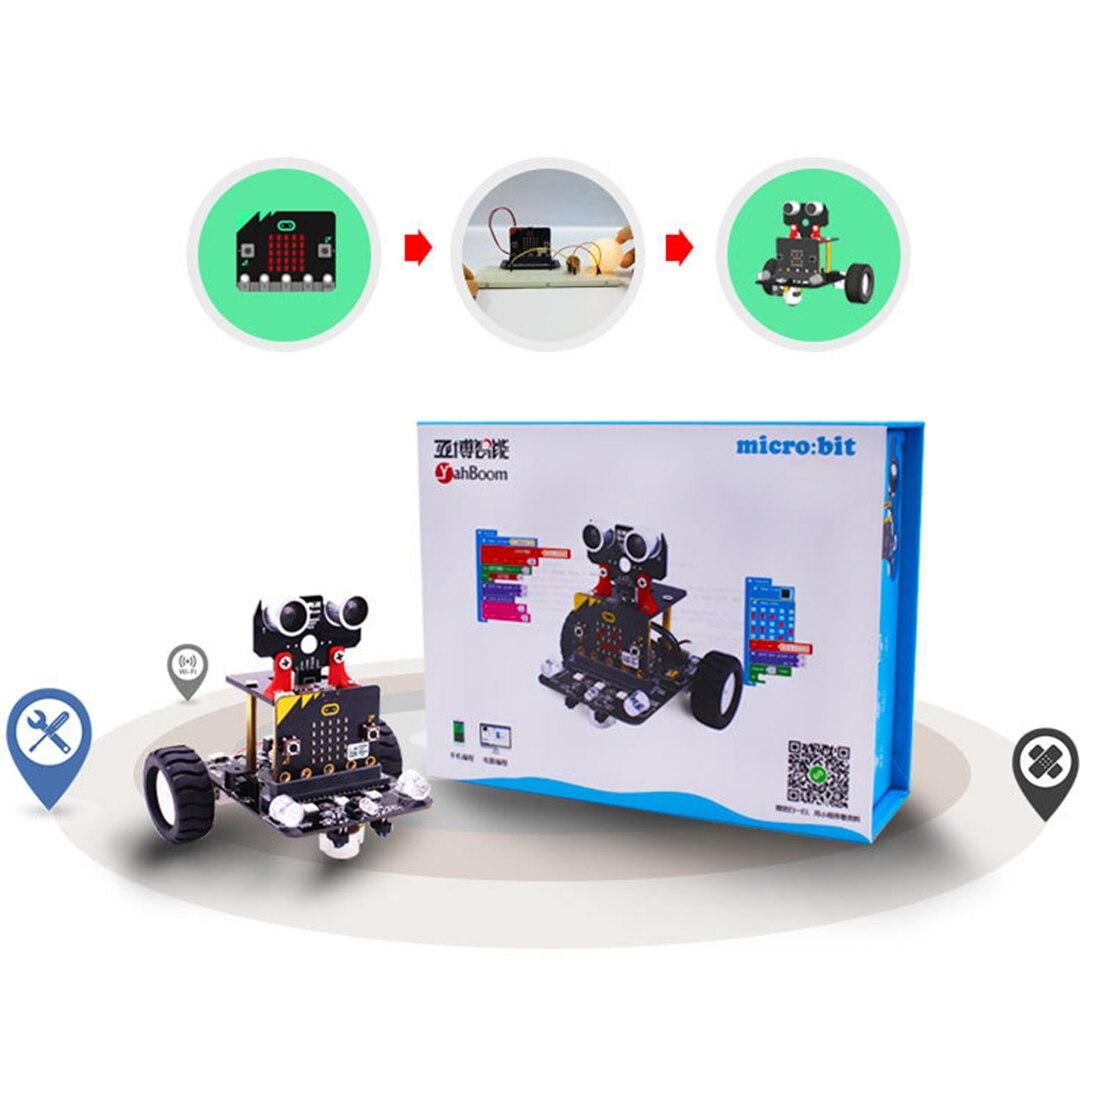 Carro programável gráfico do robô com bluetooth